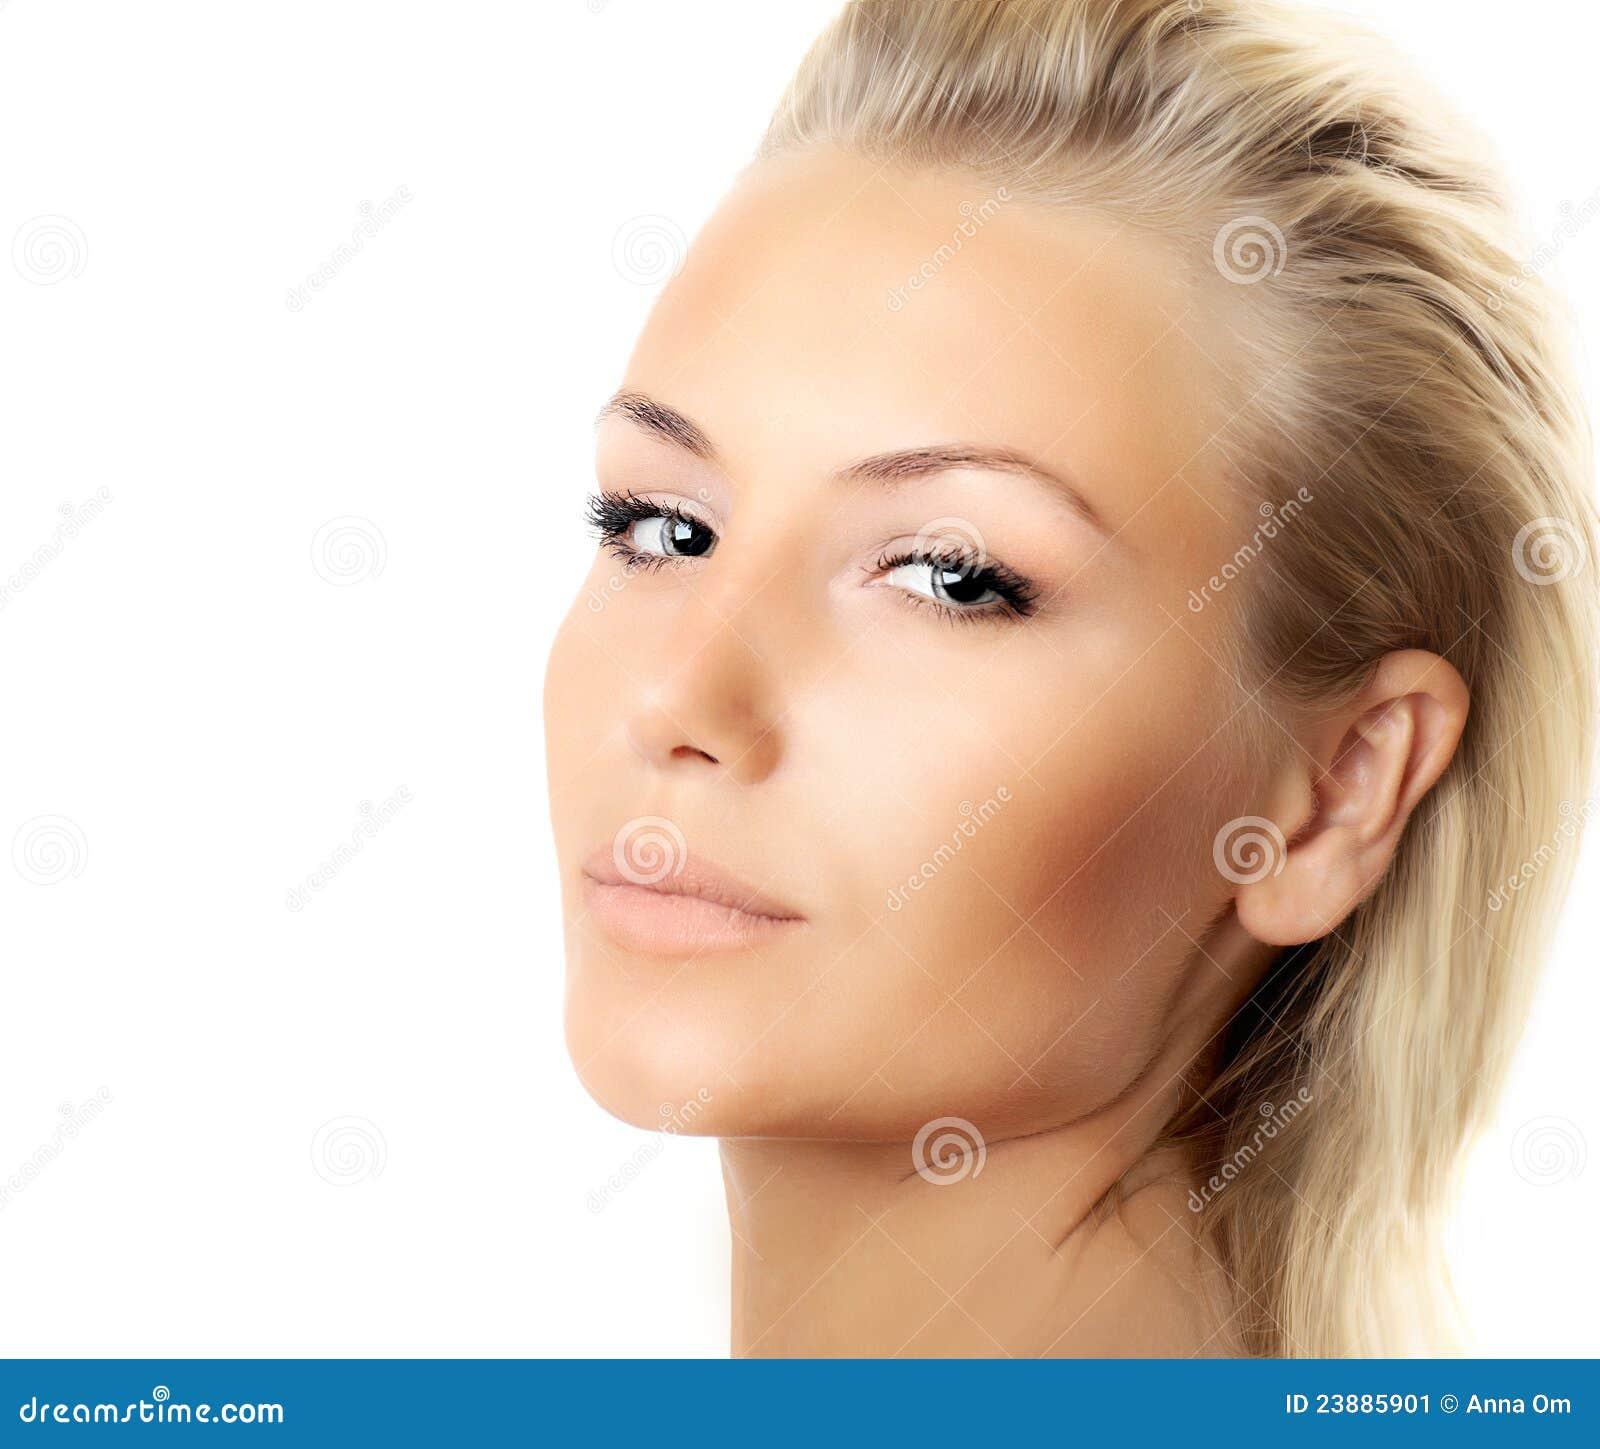 Фото красивого лица крупным планом 6 фотография